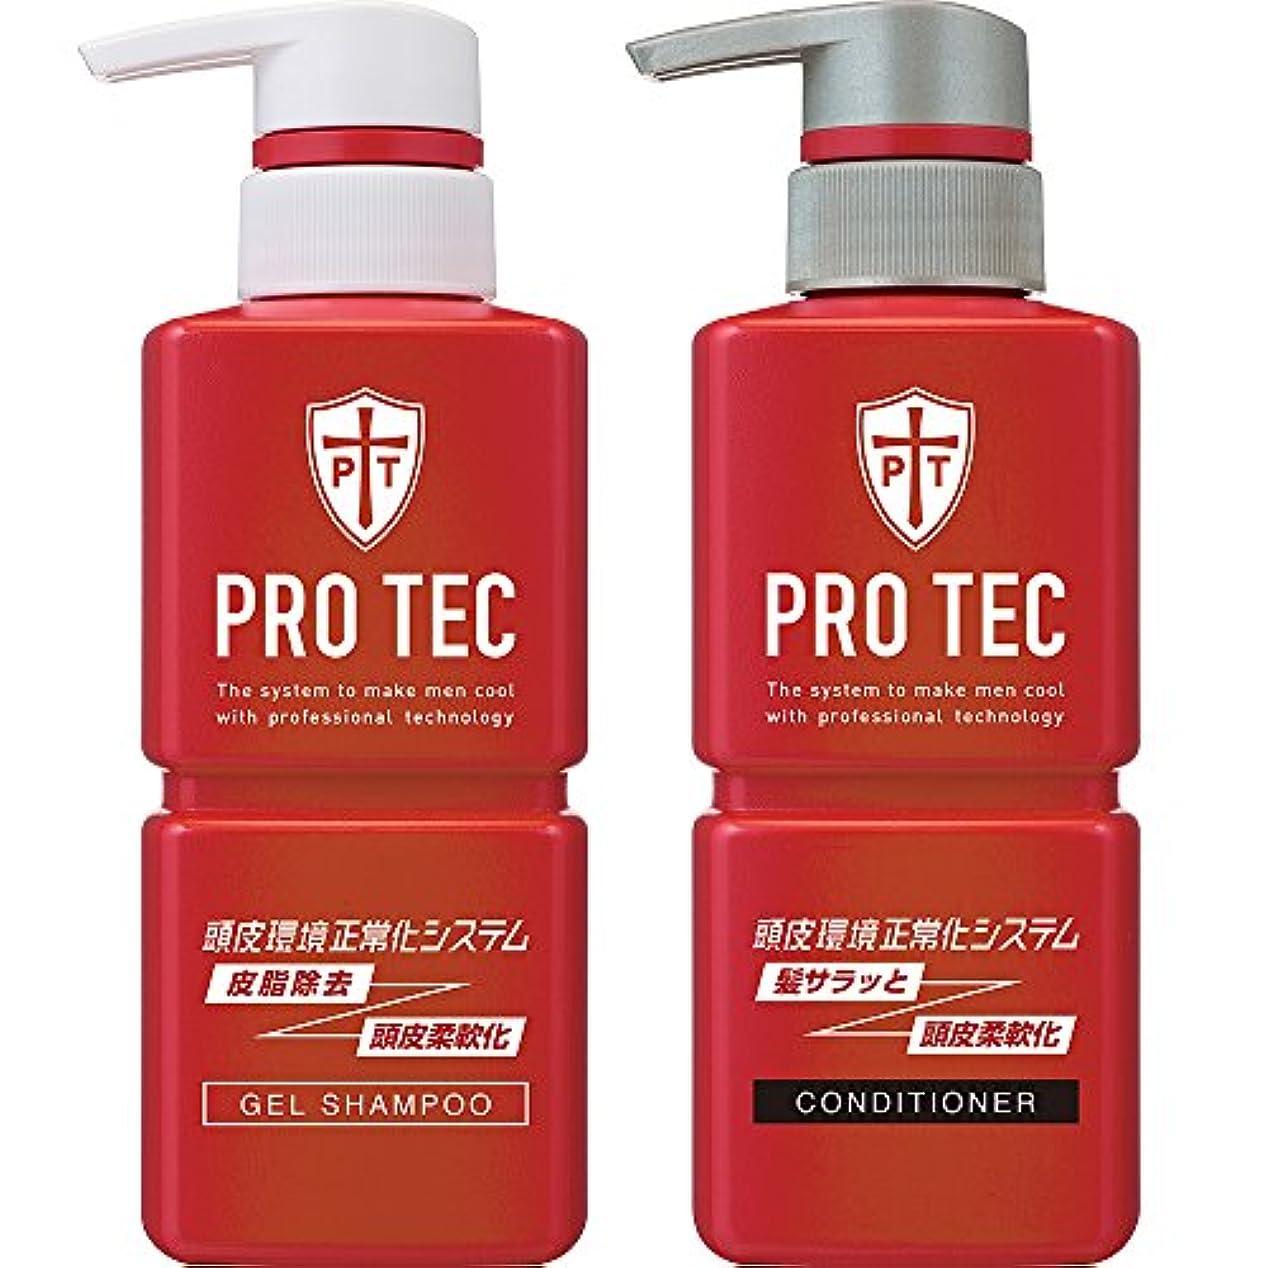 たくさんとても多くの敏感なPRO TEC(プロテク) 頭皮ストレッチ シャンプー ポンプ 300g(医薬部外品)+ コンディショナー ポンプ 300g